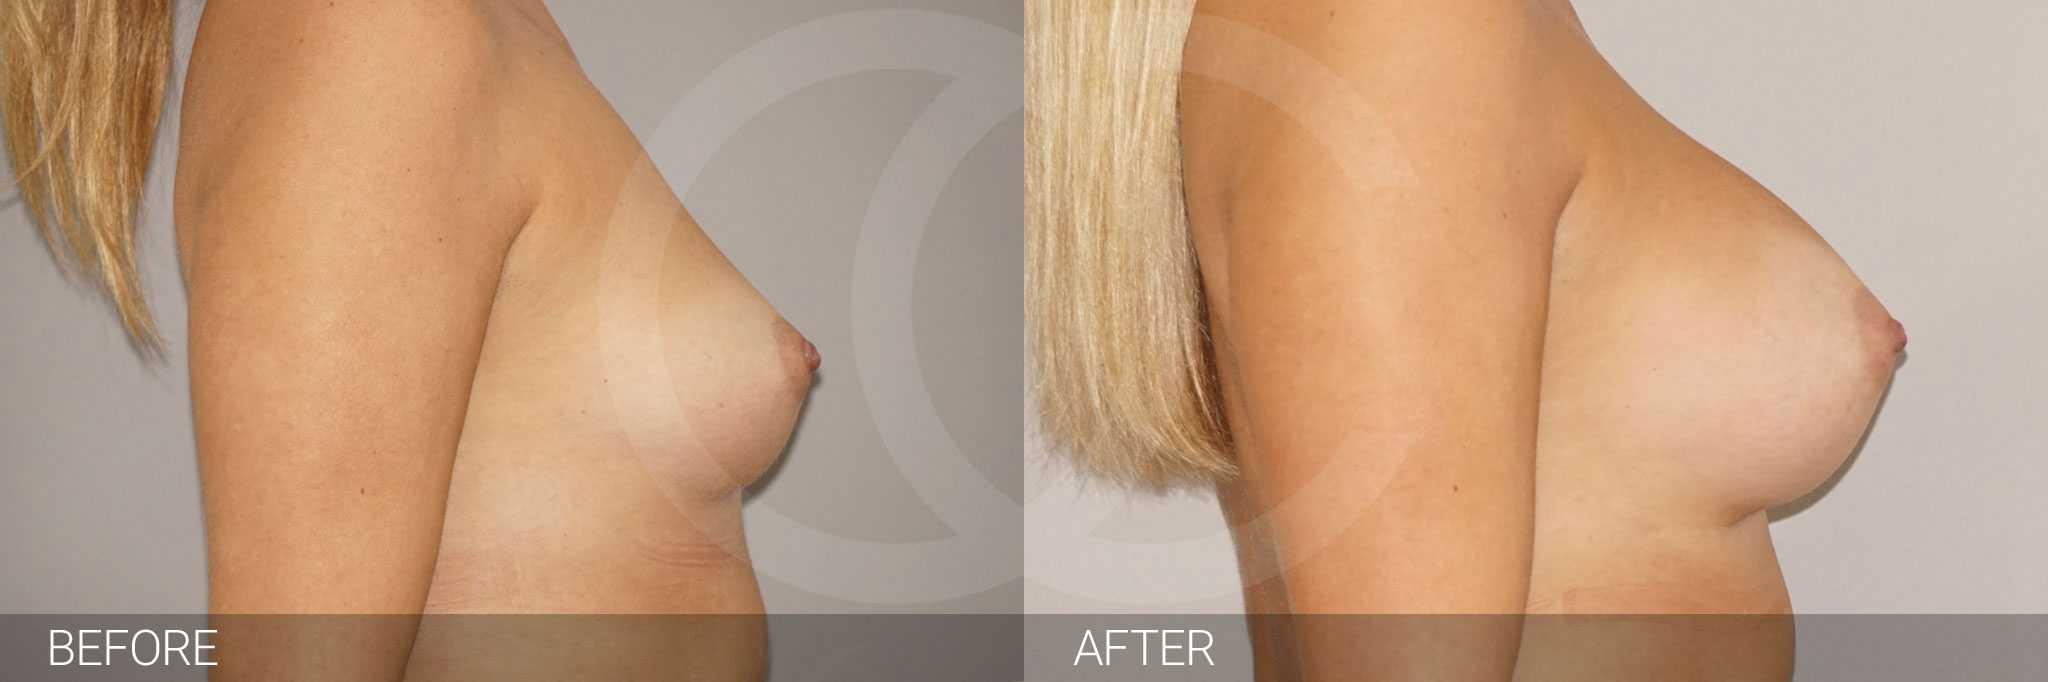 Augmentation mammaire 280cc anatomique profil haut prothèses mammaires ante/post-op III